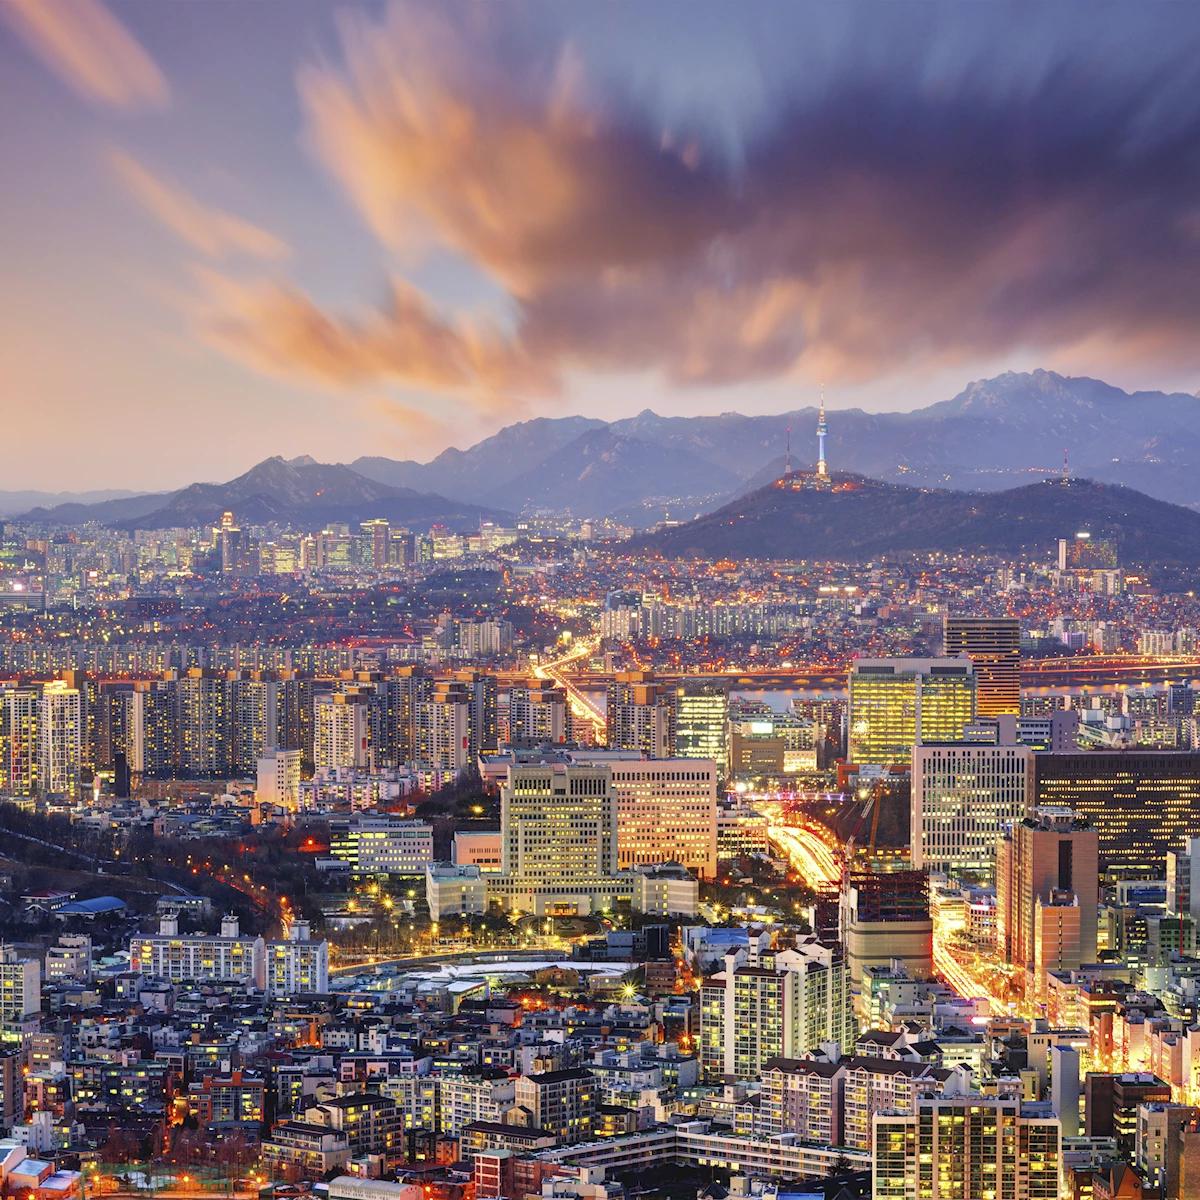 Flüge: Südkorea [November - Februar] - Hin- und Rückflug mit LOT von Amsterdam nach Seoul ab nur 390€ inkl. Gepäck